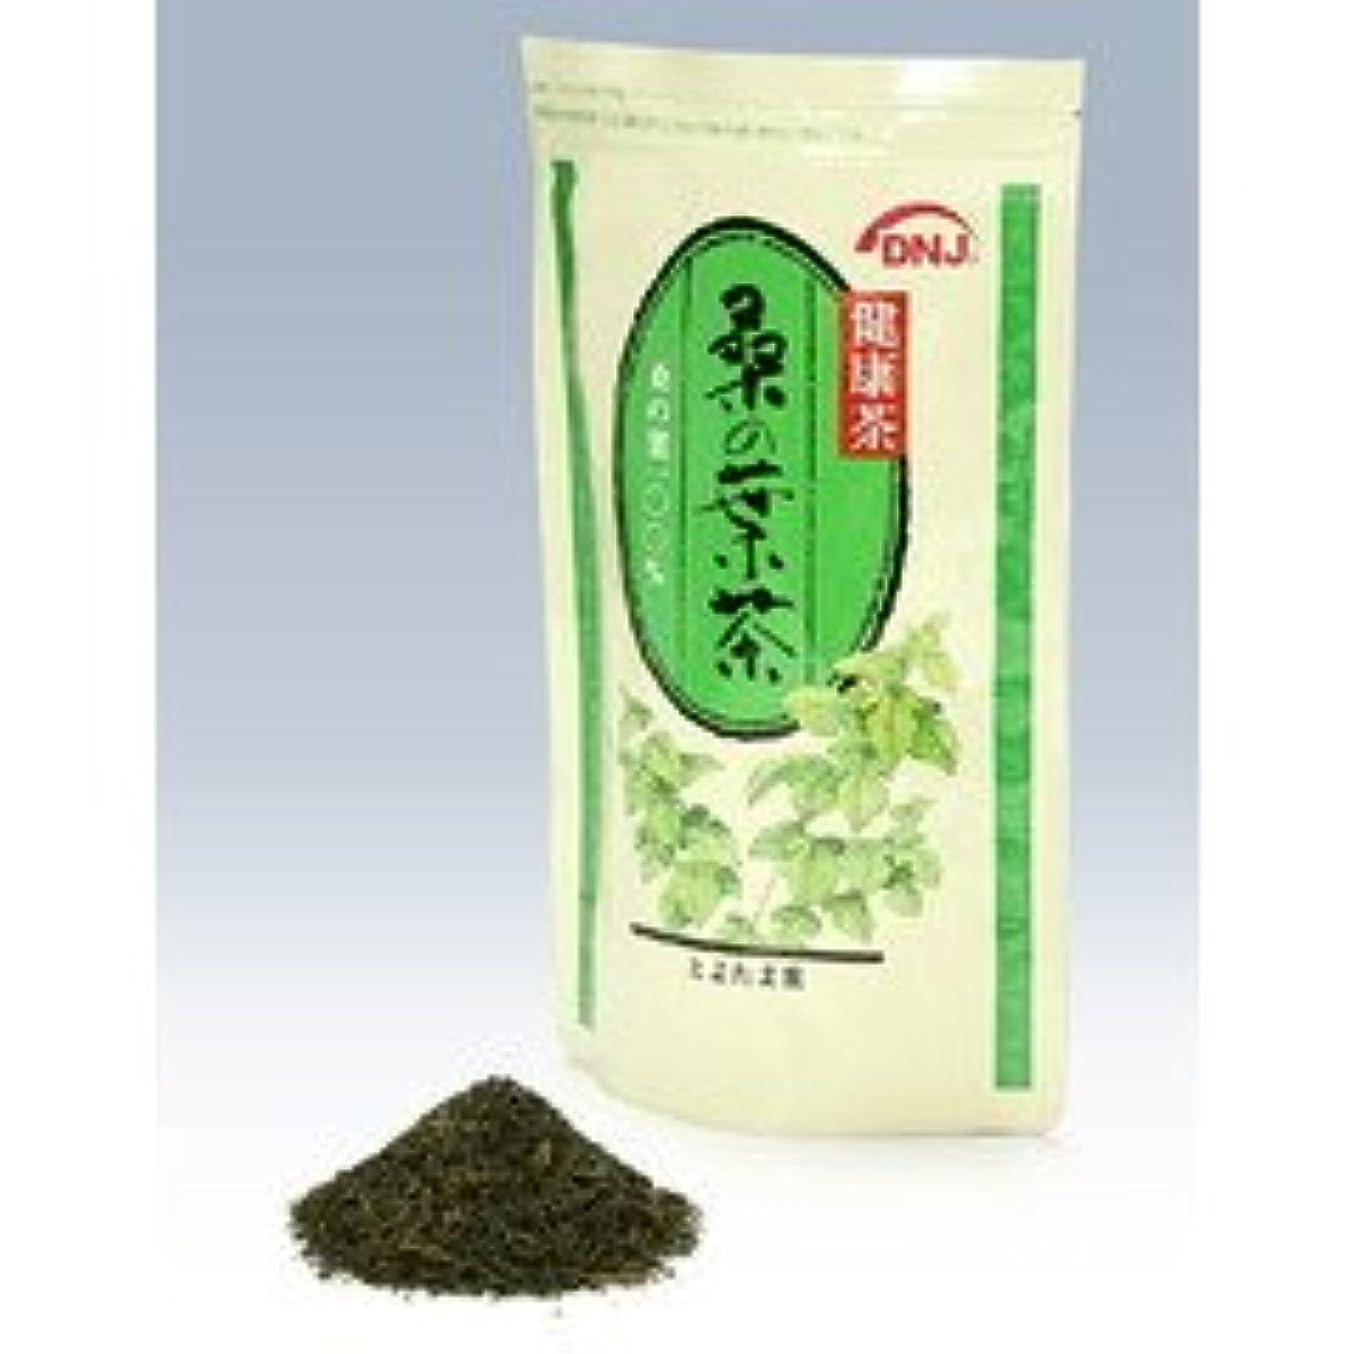 現代のシソーラス調整トヨタマ 桑の葉茶 90g